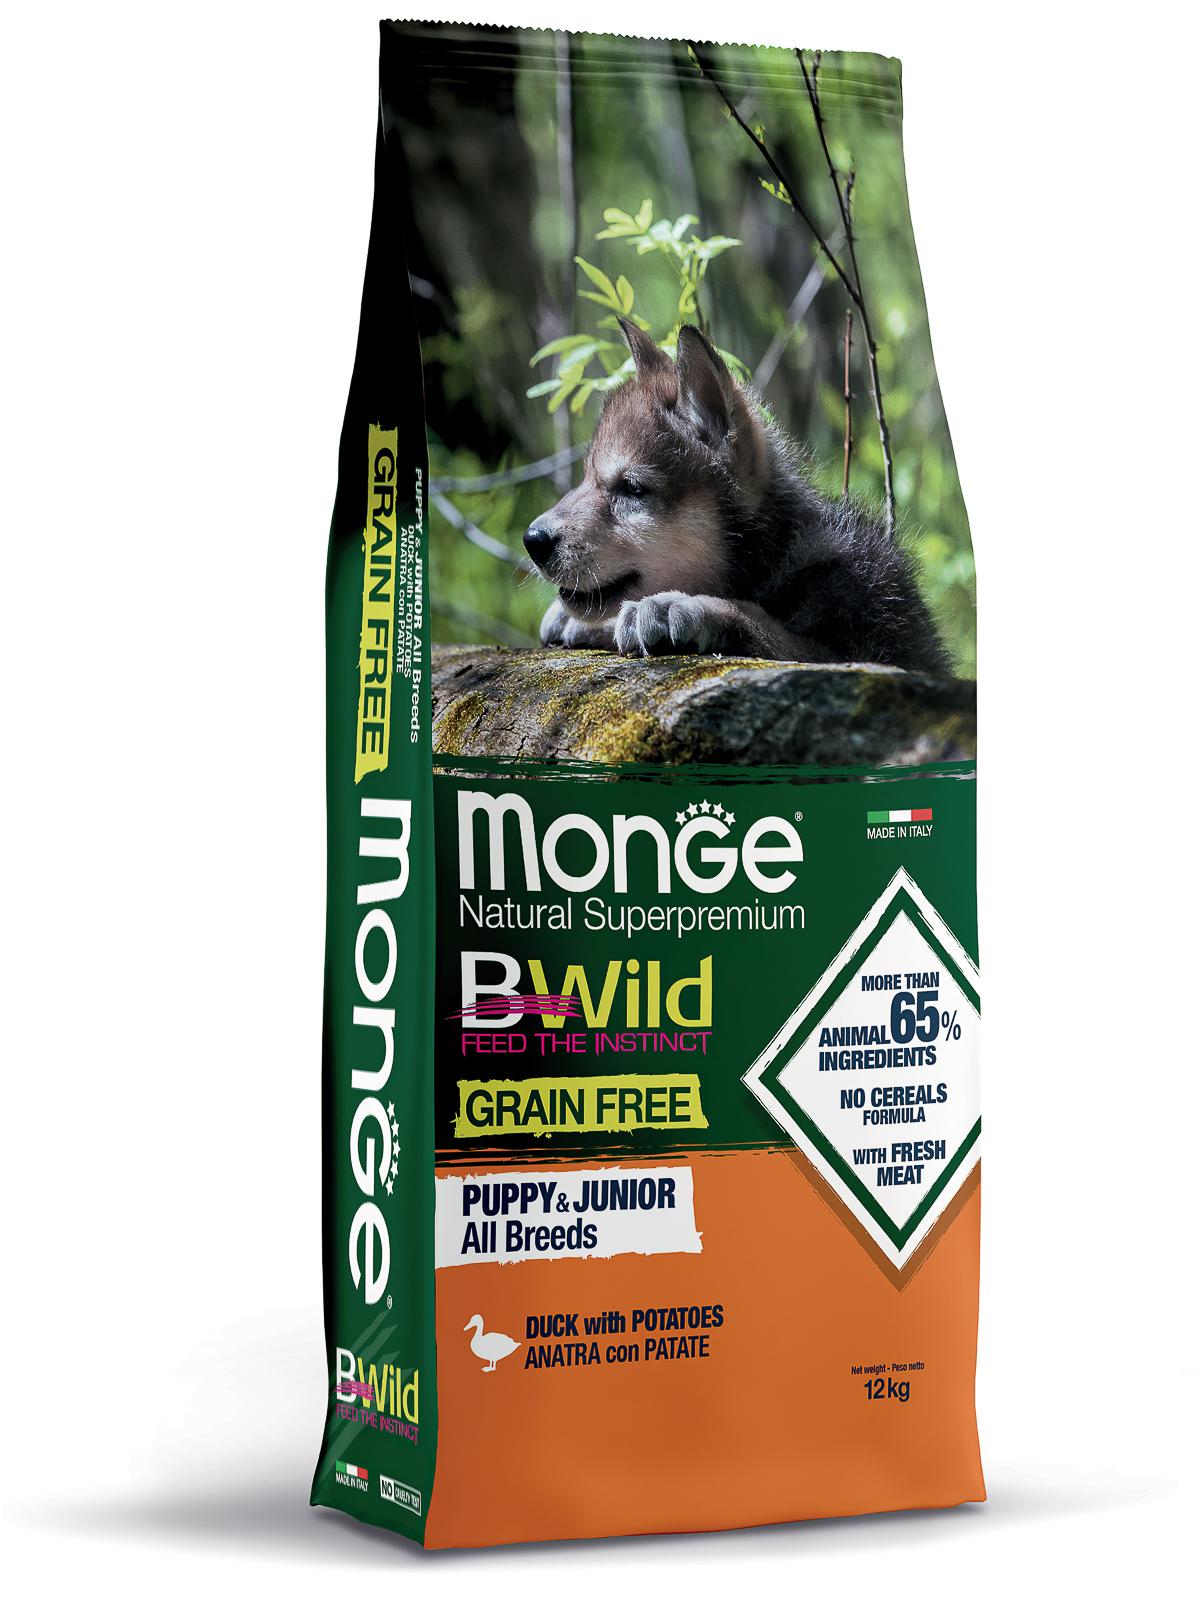 Monge Dog BWild Grain Free корм для щенков всех пород, беззерновой, утка с картофелем 12 кг